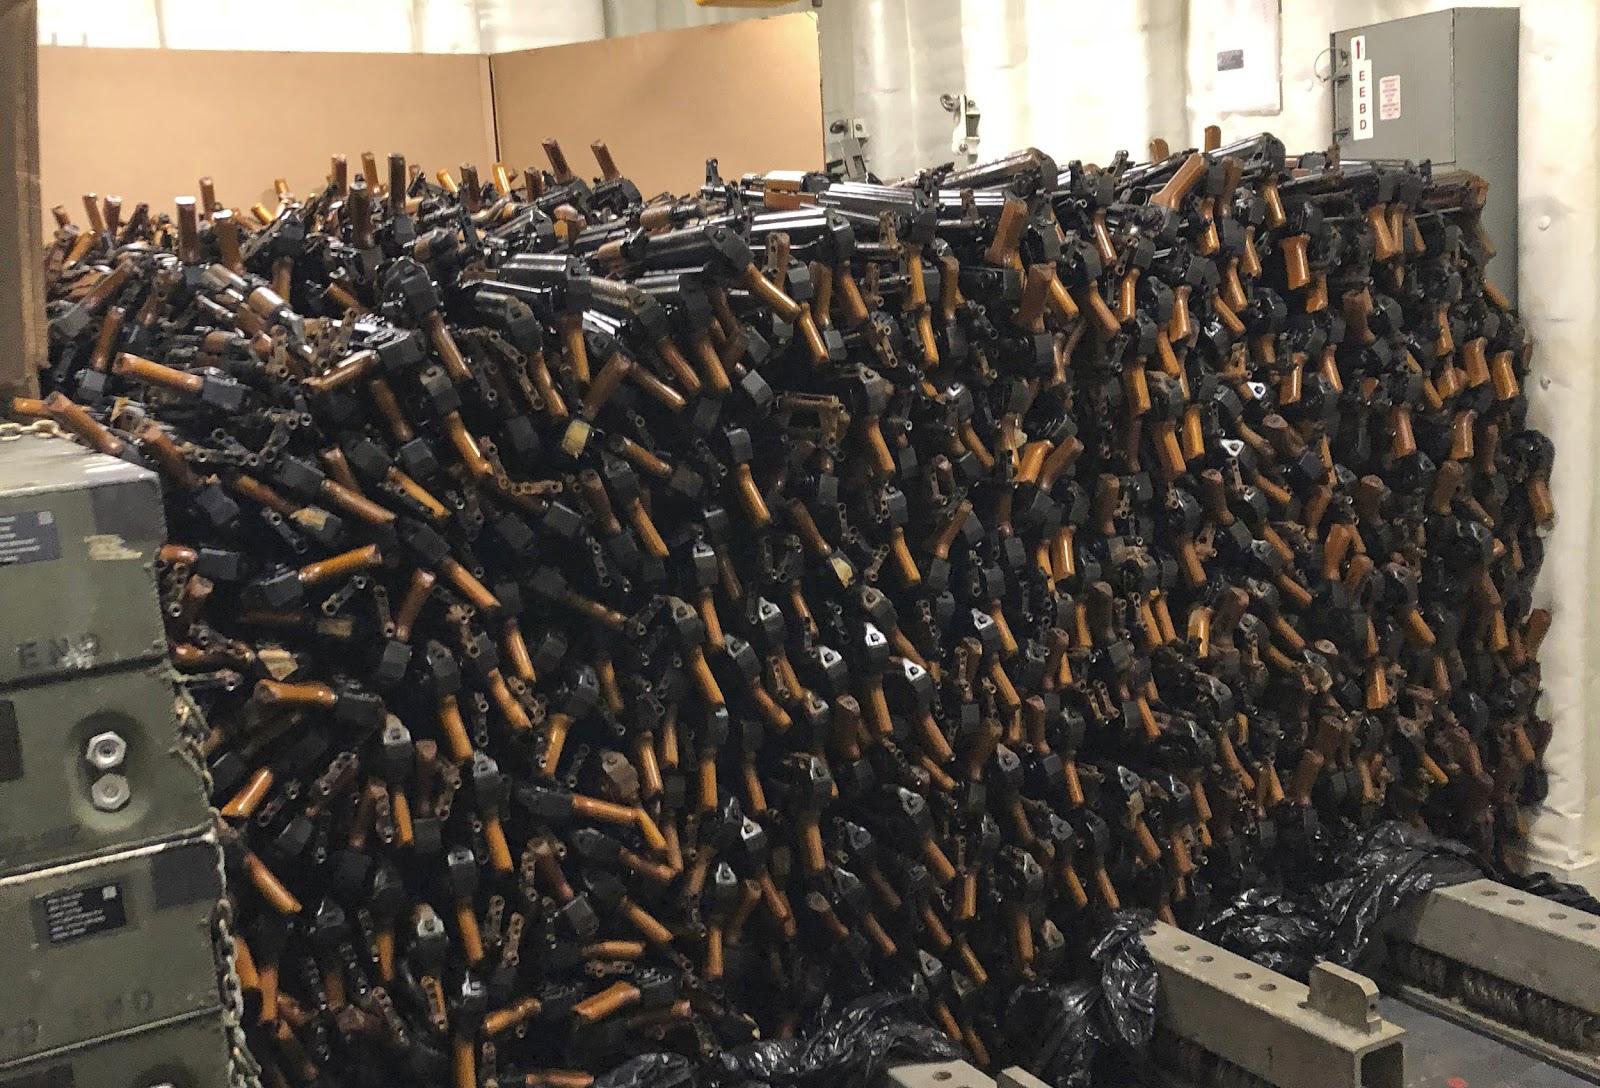 Pile of AK-47 rifles